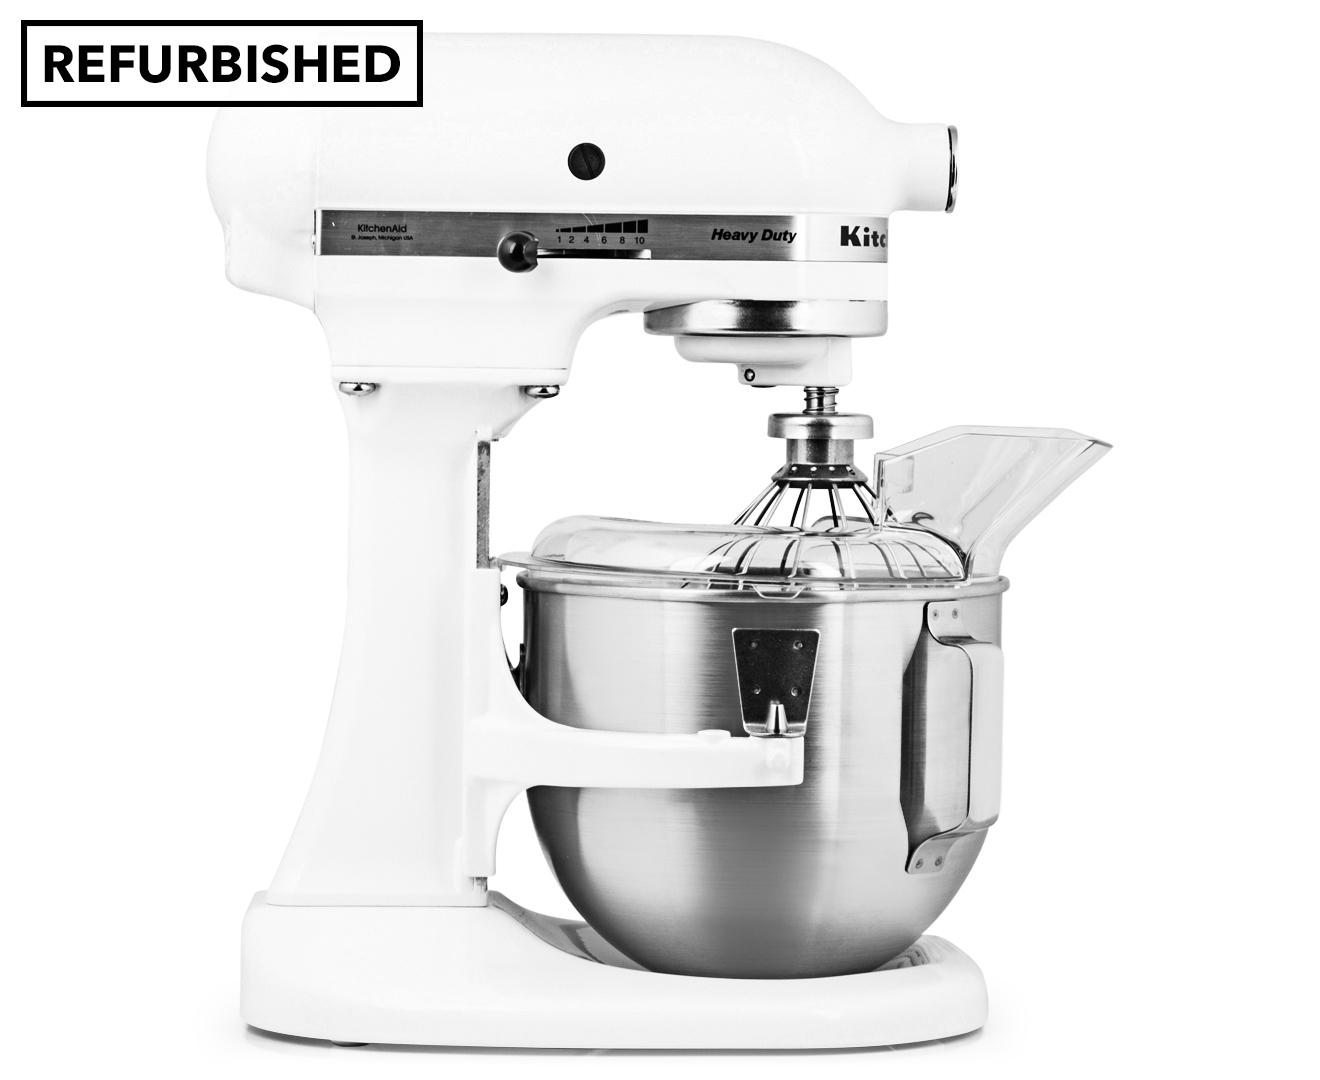 kitchen aid k5ss small appliances kitchenaid bowl-lift stand mixer refurb - white ...